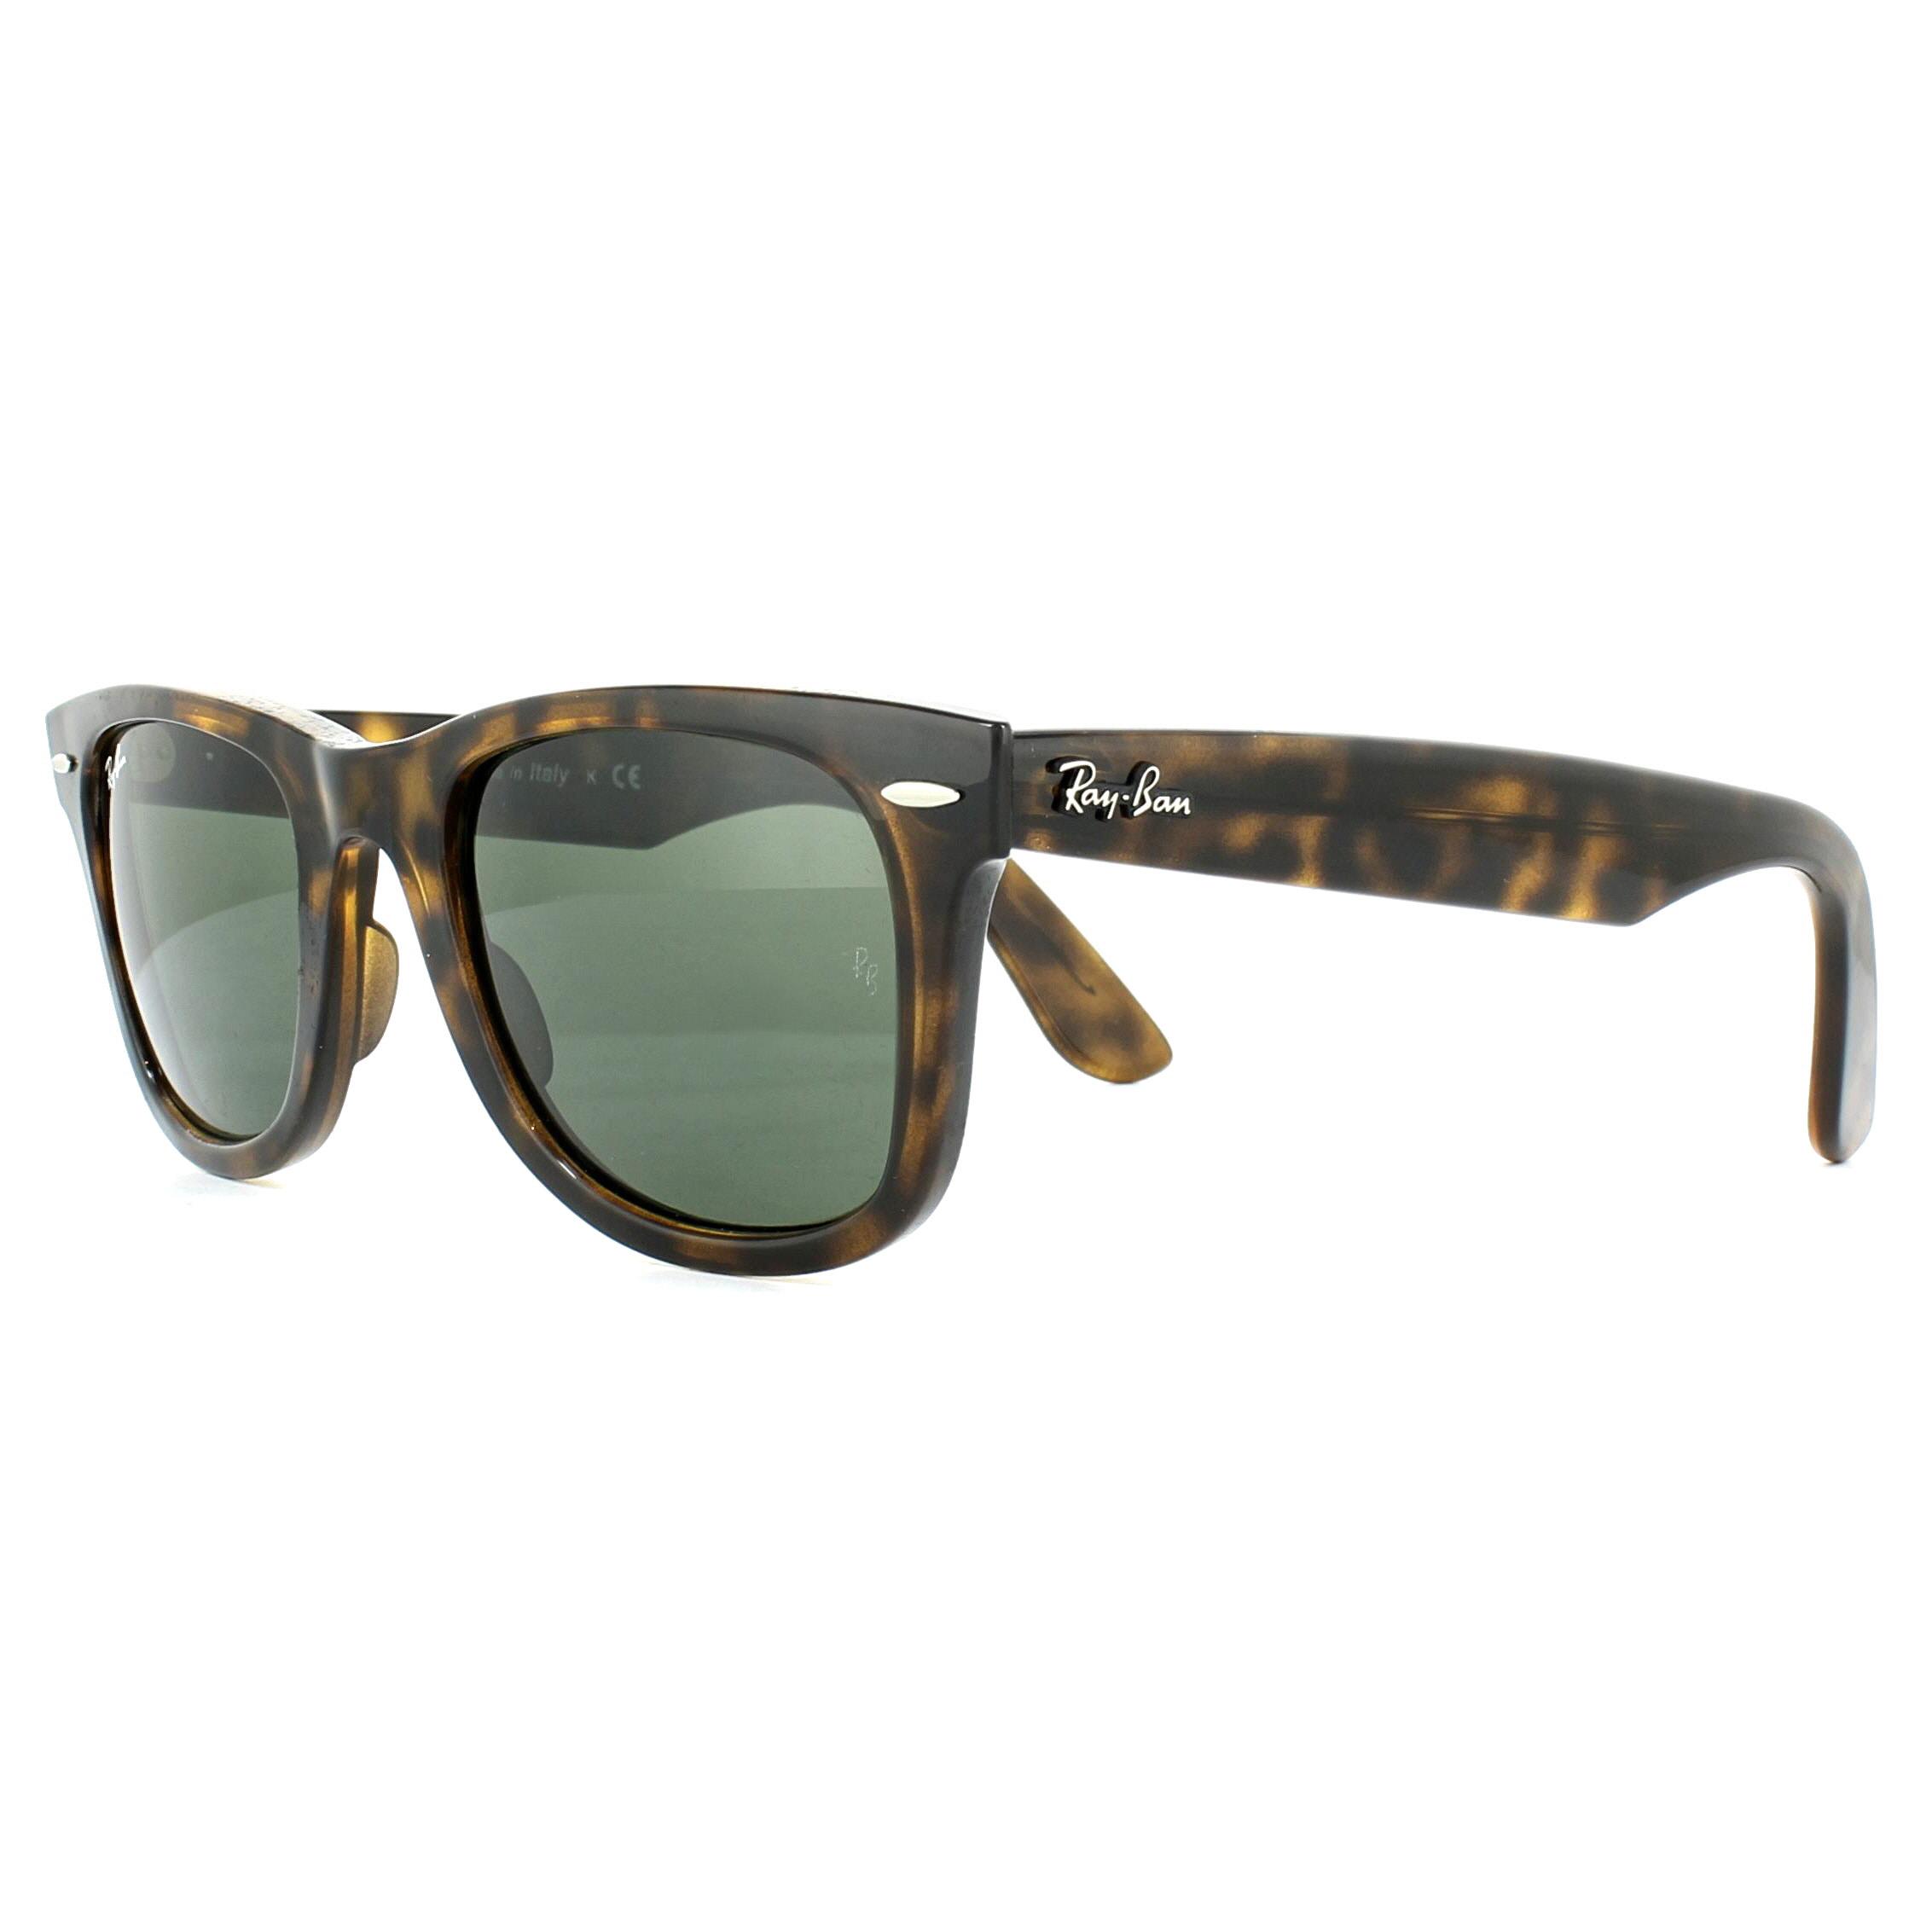 Cheap Ray-Ban Wayfarer Ease RB4340 Sunglasses - Discounted Sunglasses b83efa176019